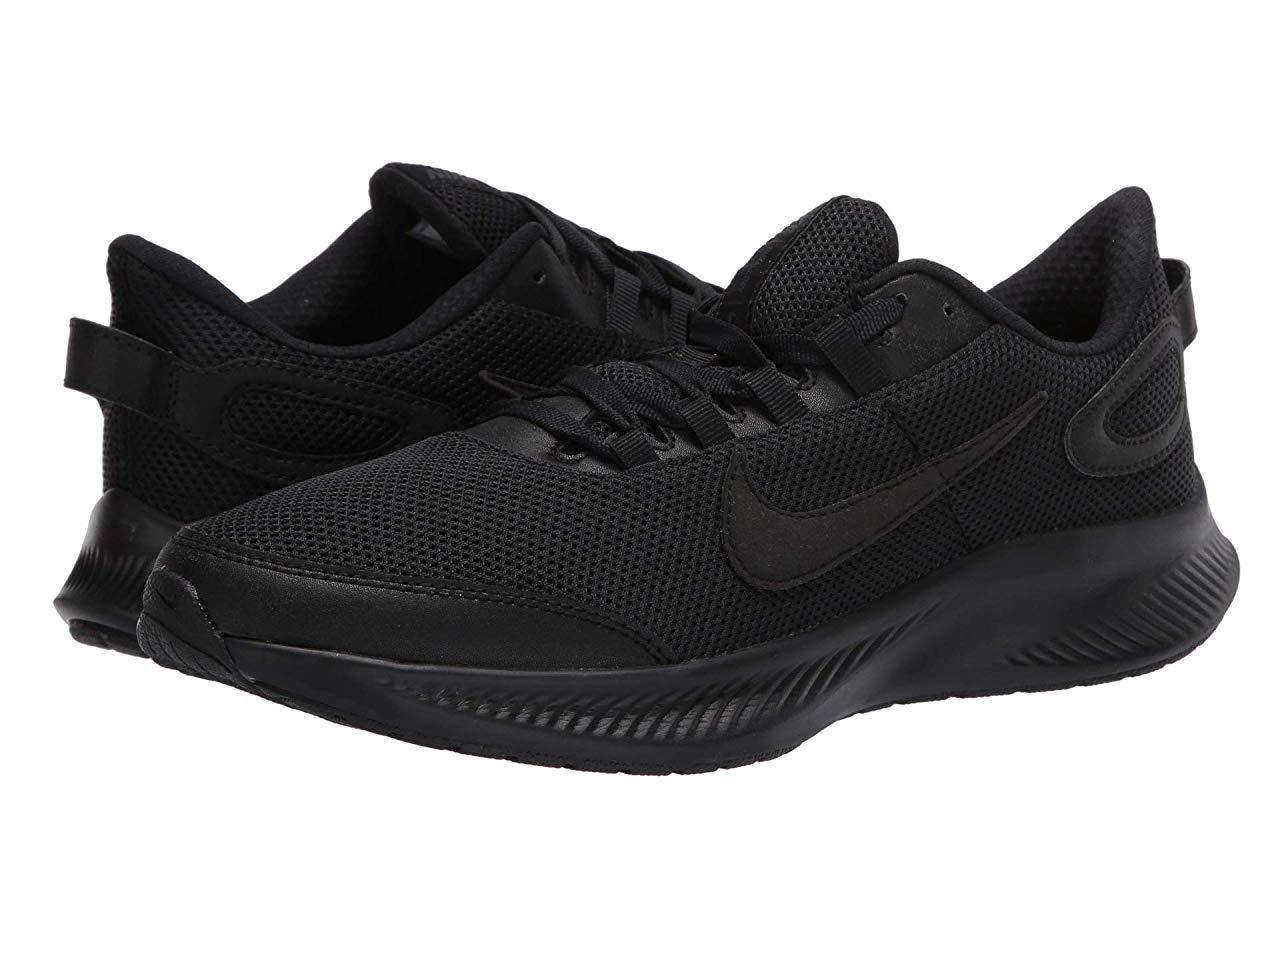 Кроссовки/Кеды Nike Run All Day 2 Black/Anthracite